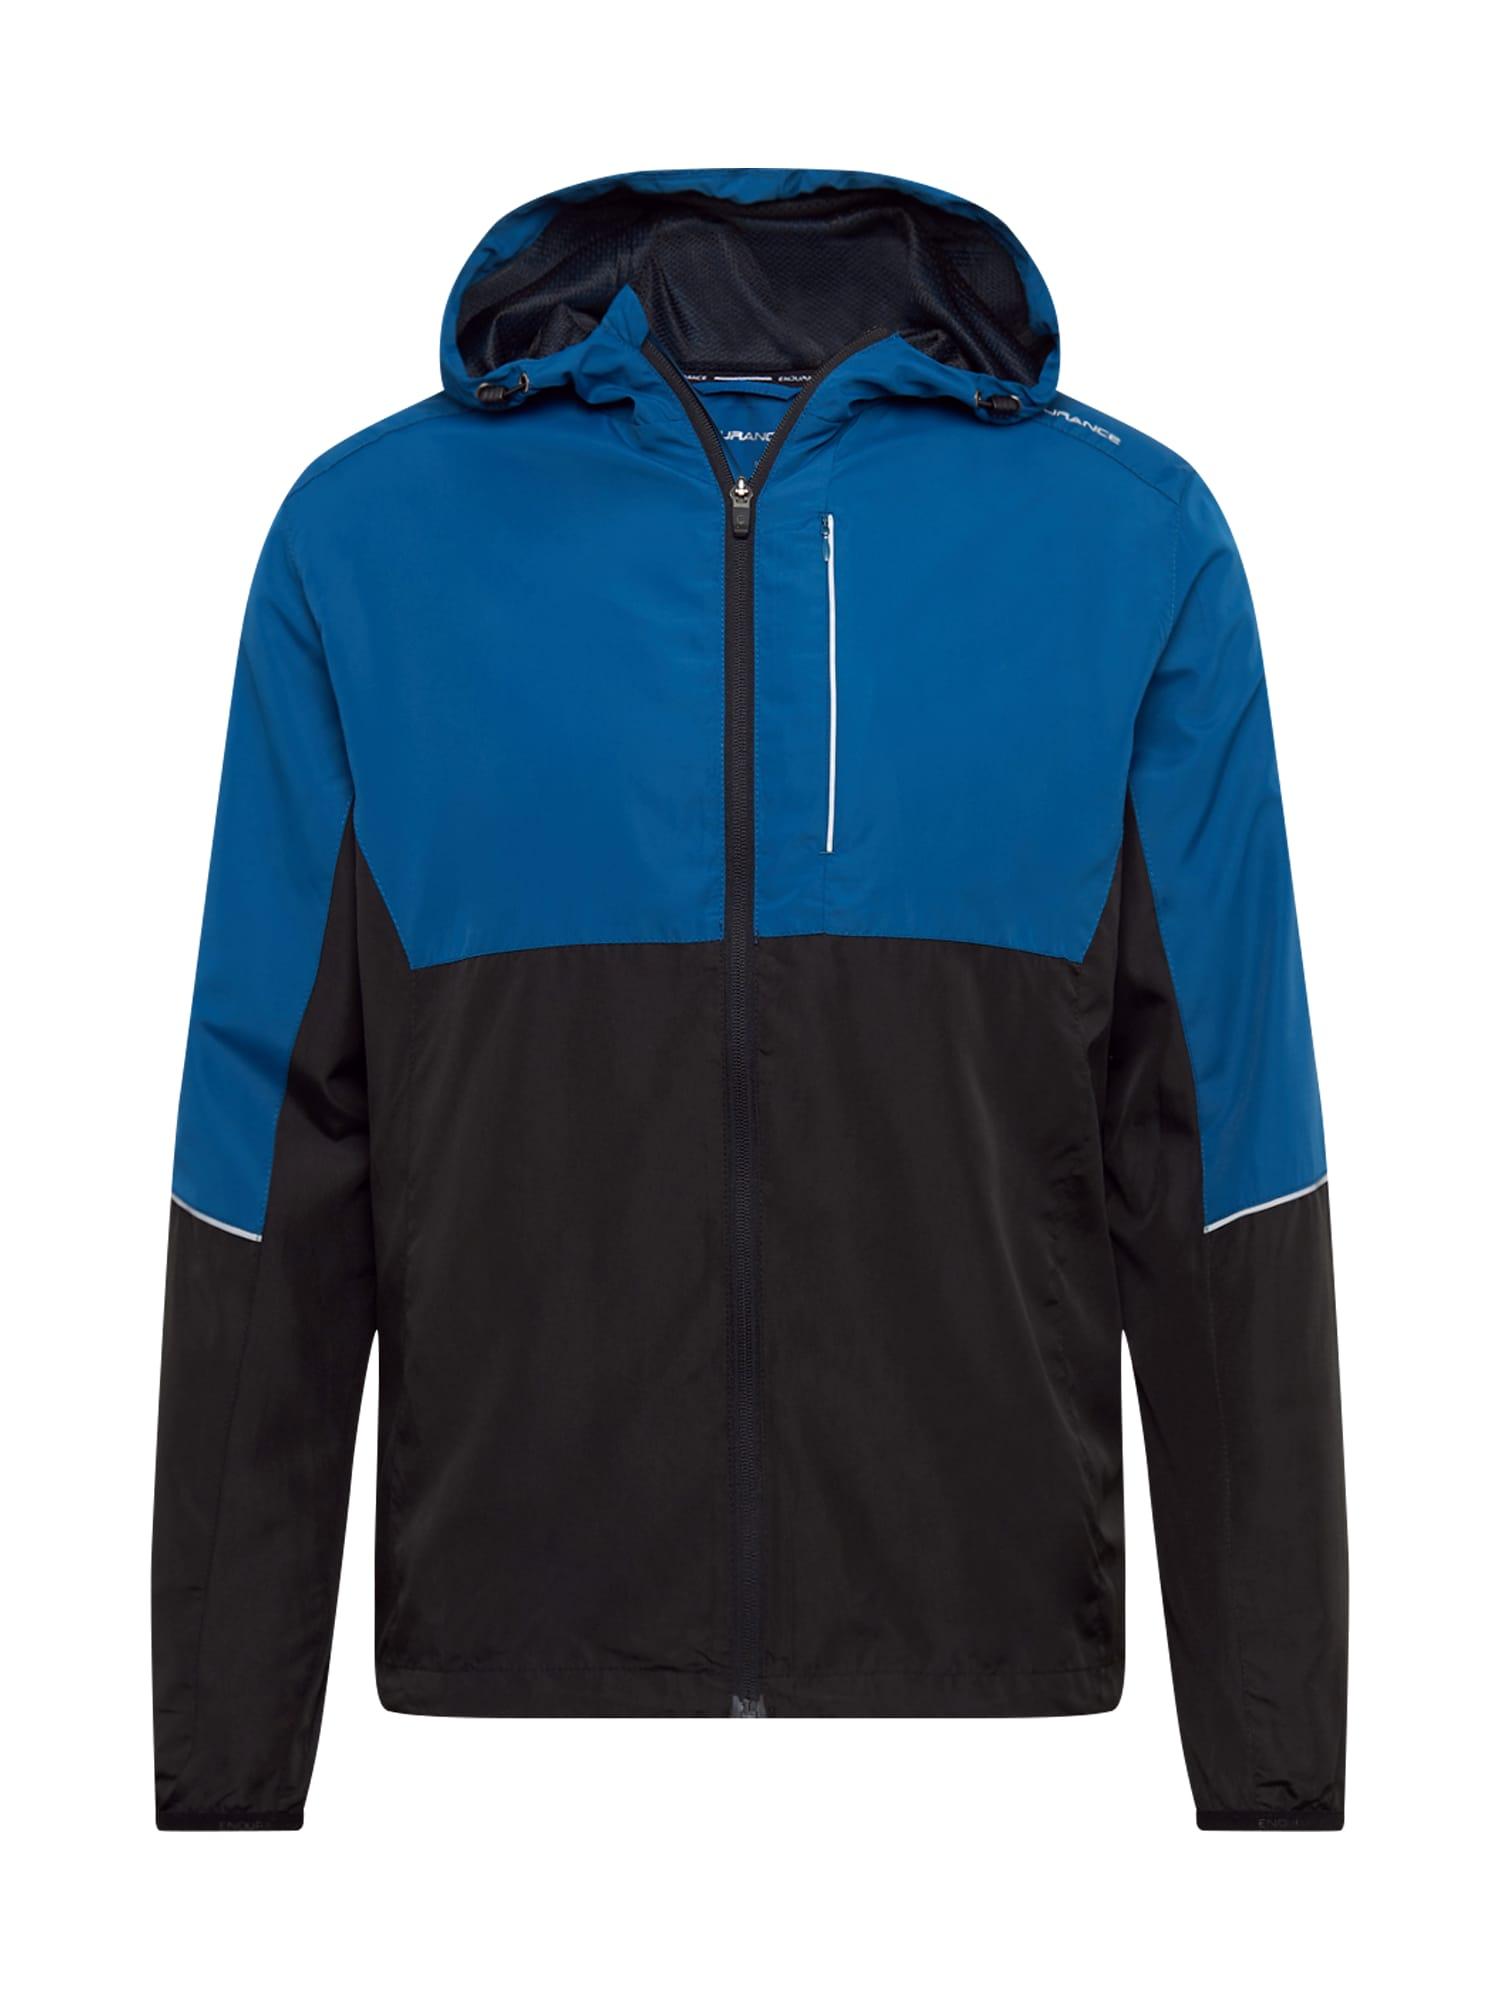 ENDURANCE Sportovní bunda 'Thorow'  nebeská modř / černá / bílá